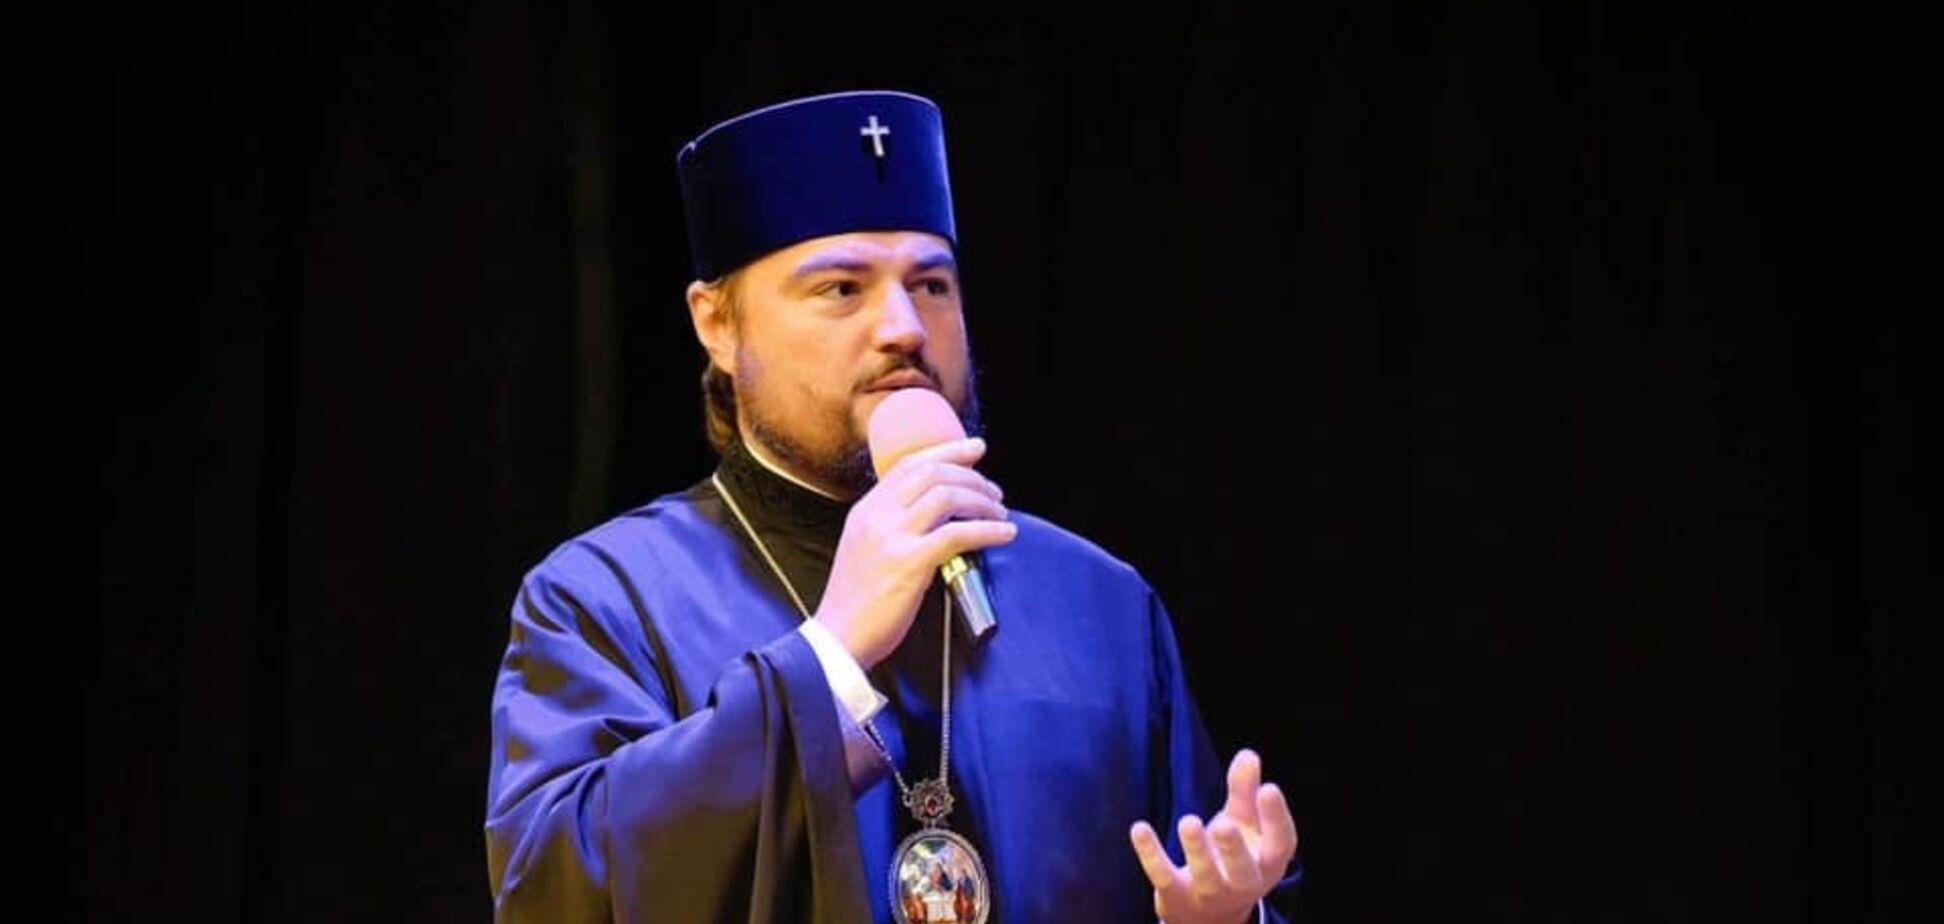 Спички 'старцам' не игрушка: митрополит Драбинко оценил действия Филарета